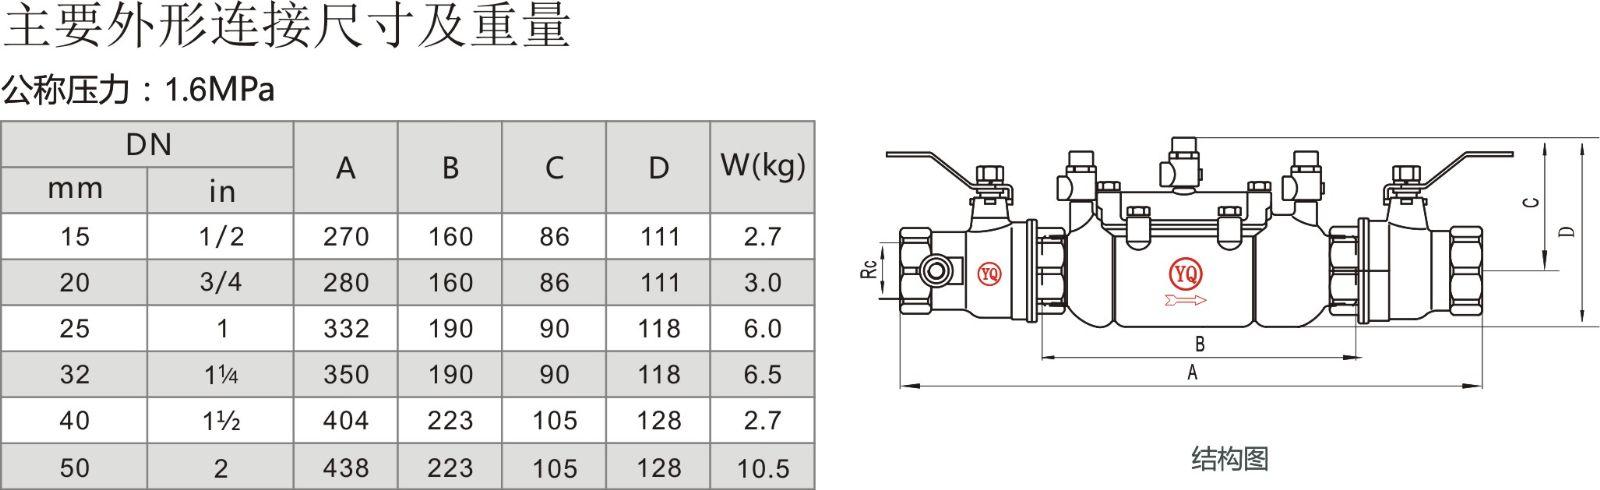 全不锈钢制造,强度高,外形精美,符合有关卫生规范的要求。 结构紧凑,便于狭小空间或极短距离的水平或垂直安装。 对二次污染的高防护等级,保证自来水管道不受压力倒流或虹吸倒流污染。 直通式结构,宽体阀腔,双独立止回阀设计,保证了运行工况的稳定性。 主阀阀瓣流线型设计,过流摩阻小,流态合理,提供了最高流速下的低压力损失。 阀腔设计宽大,螺纹连接,重量轻,便于安装、检测与维修。 两端的检修阀为带检测口的不锈钢球阀,经久耐用,检测方便。